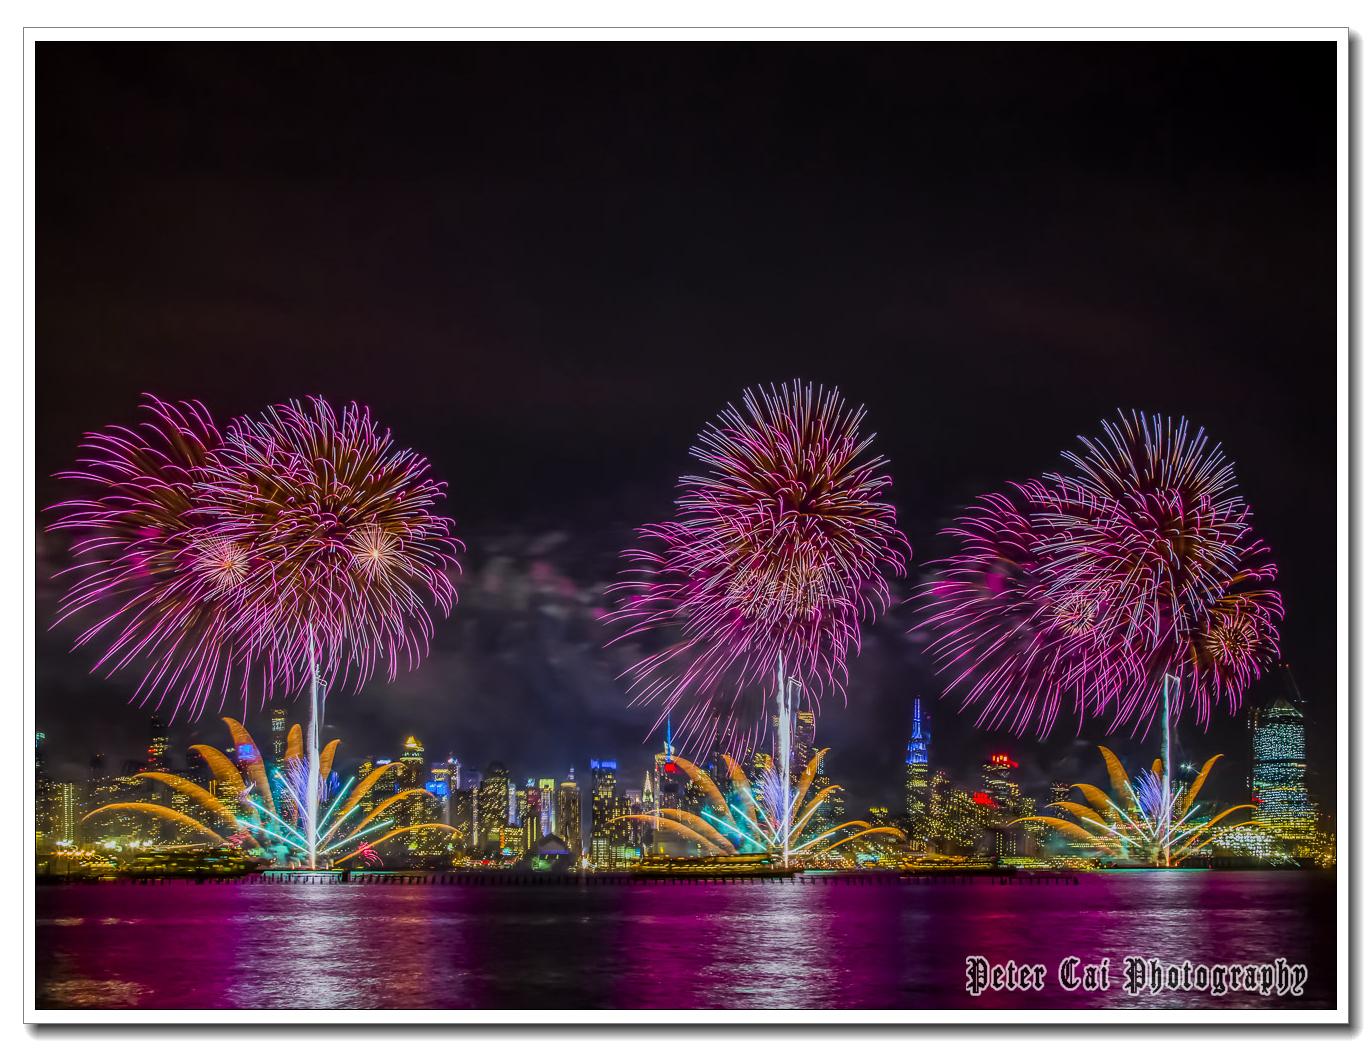 昨晚纽约施放焰火来庆祝中国猴年_图1-9